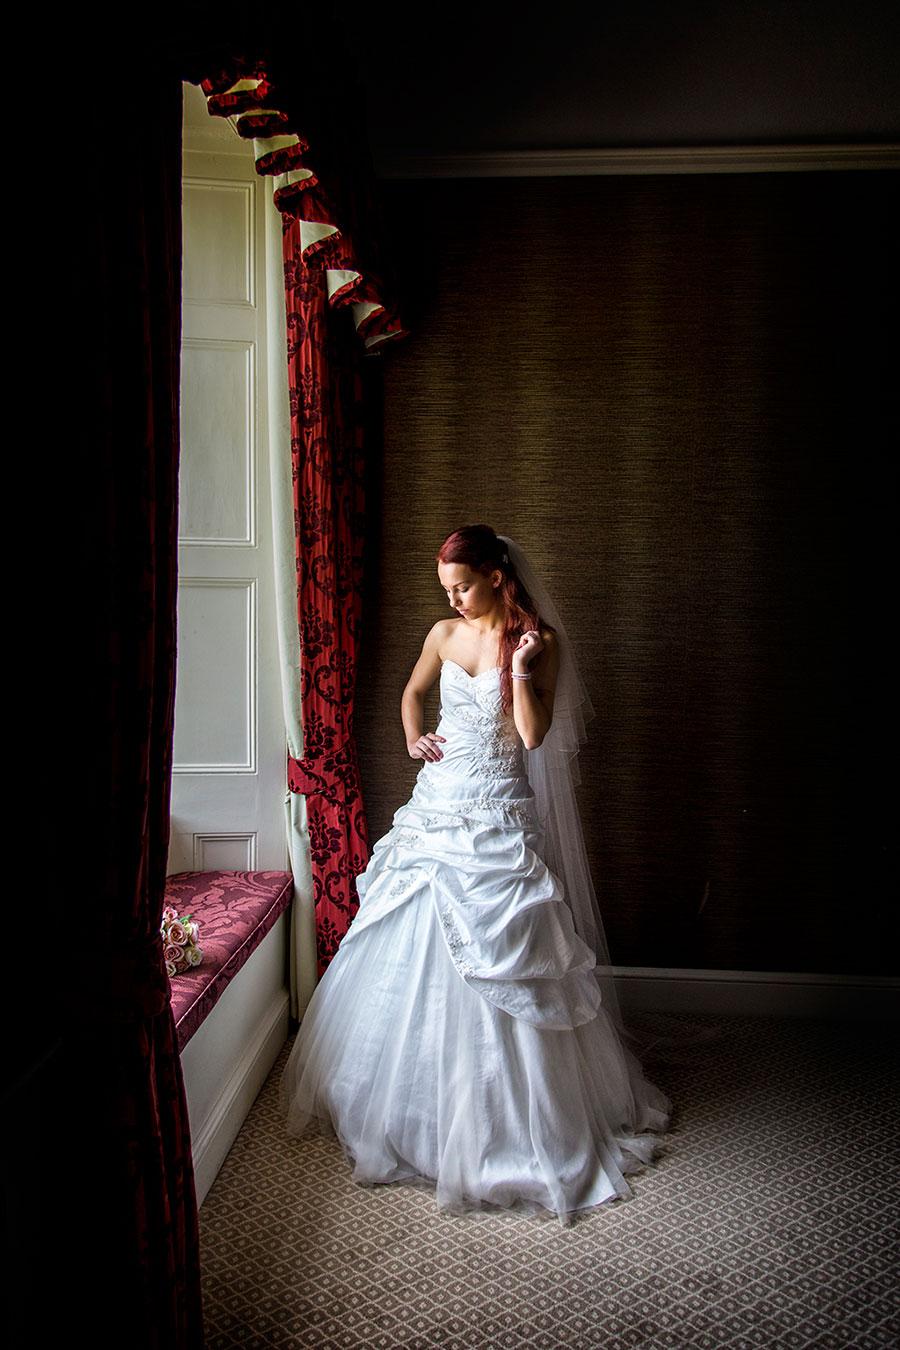 Wedding photography training workshop 016 photography for Wedding photography training courses